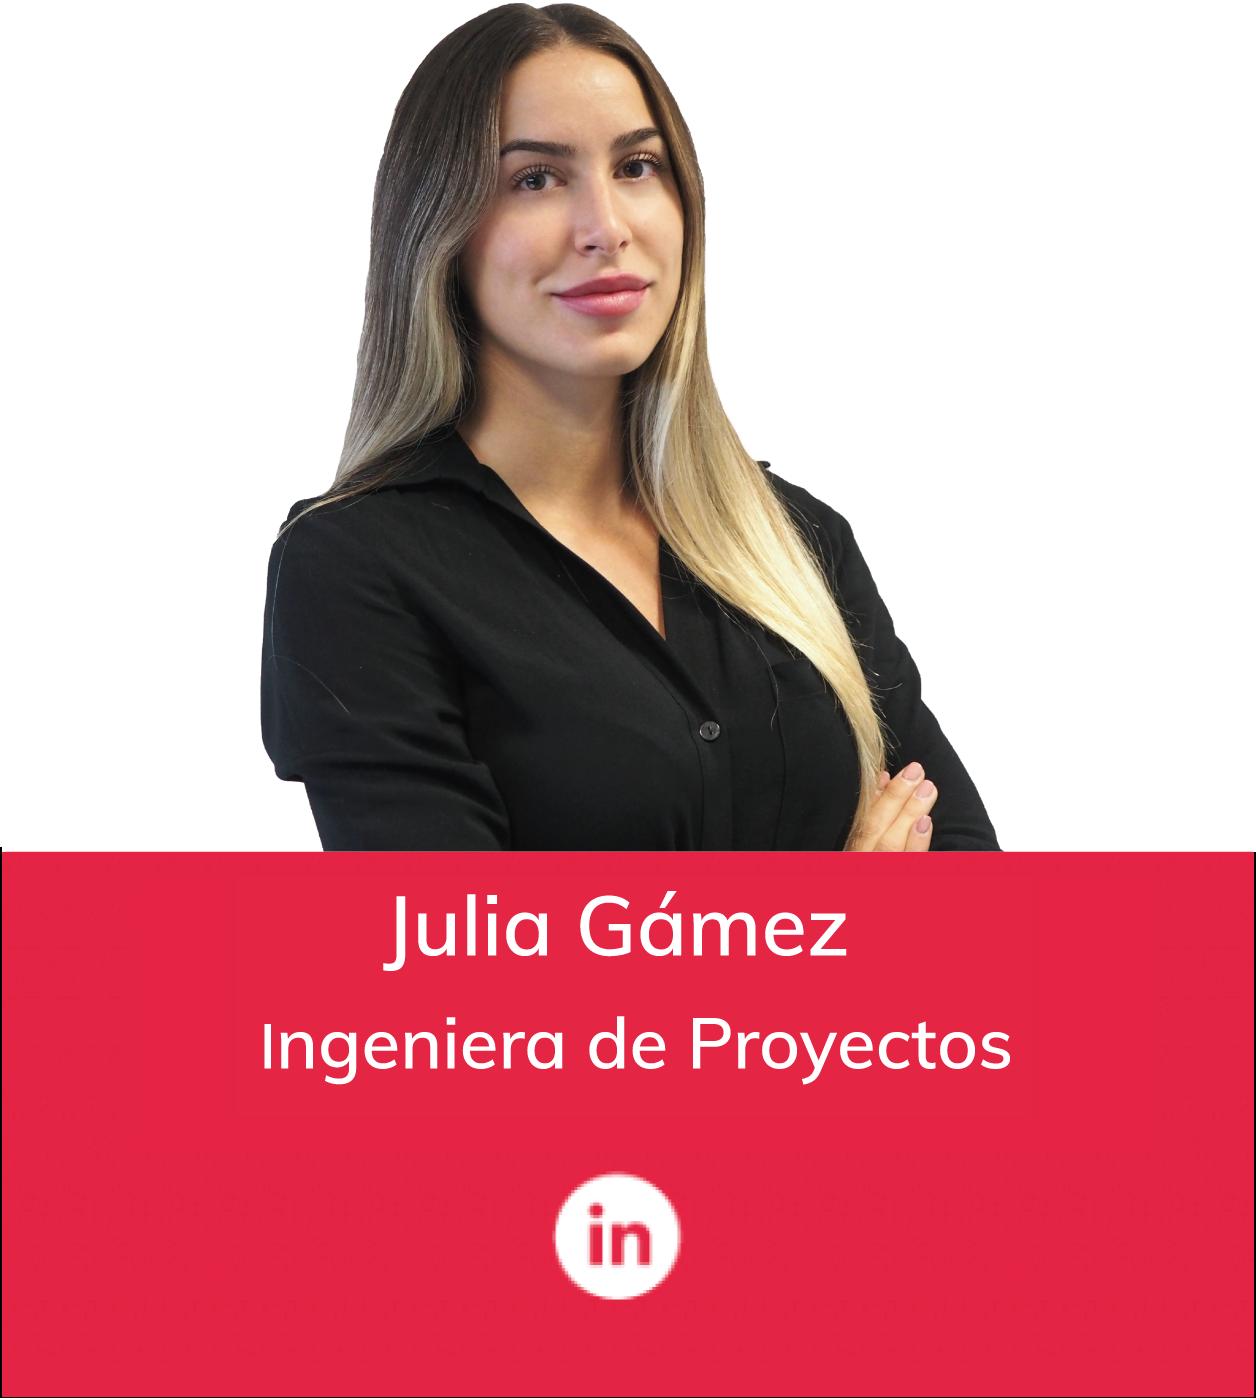 Julia Gámez